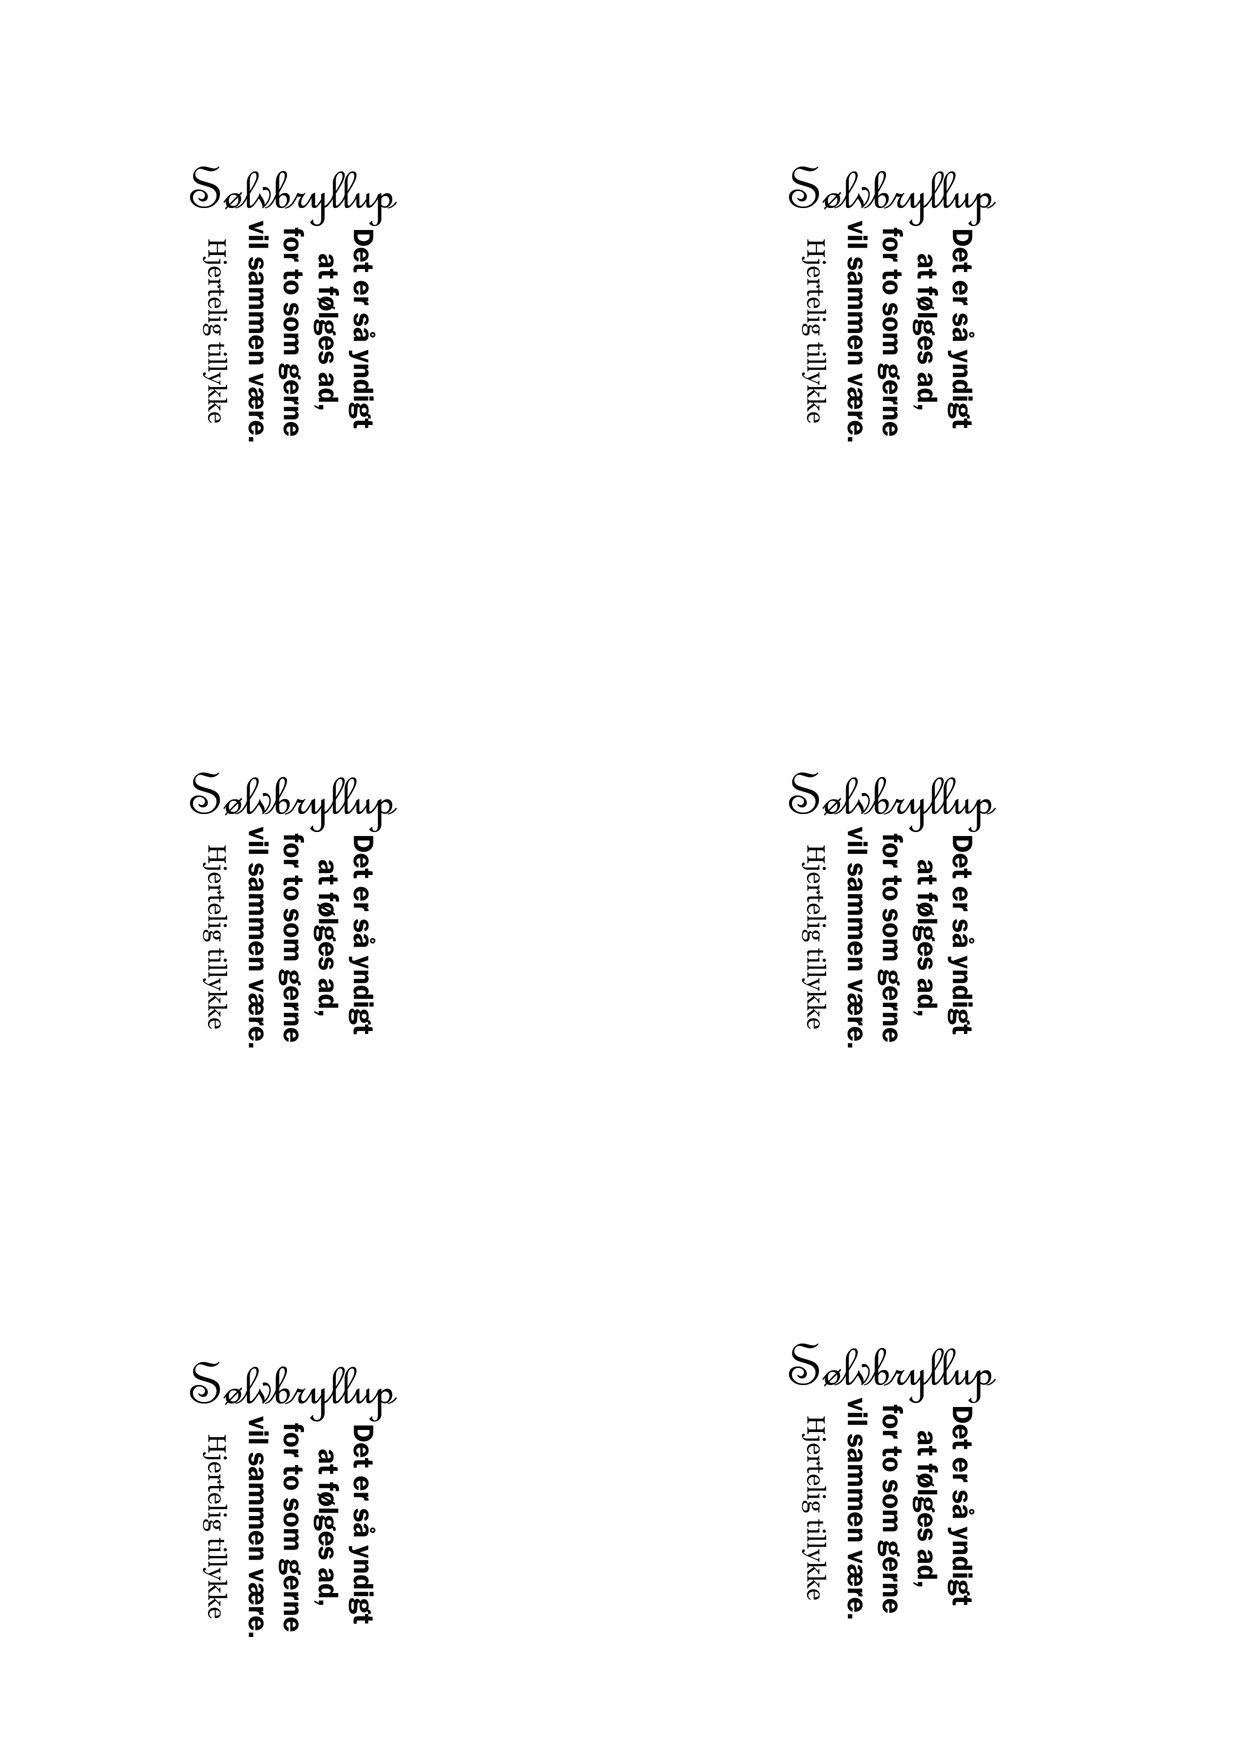 citat til sølvbryllupskort Sølvbryllup | Tekster | Gold citat til sølvbryllupskort